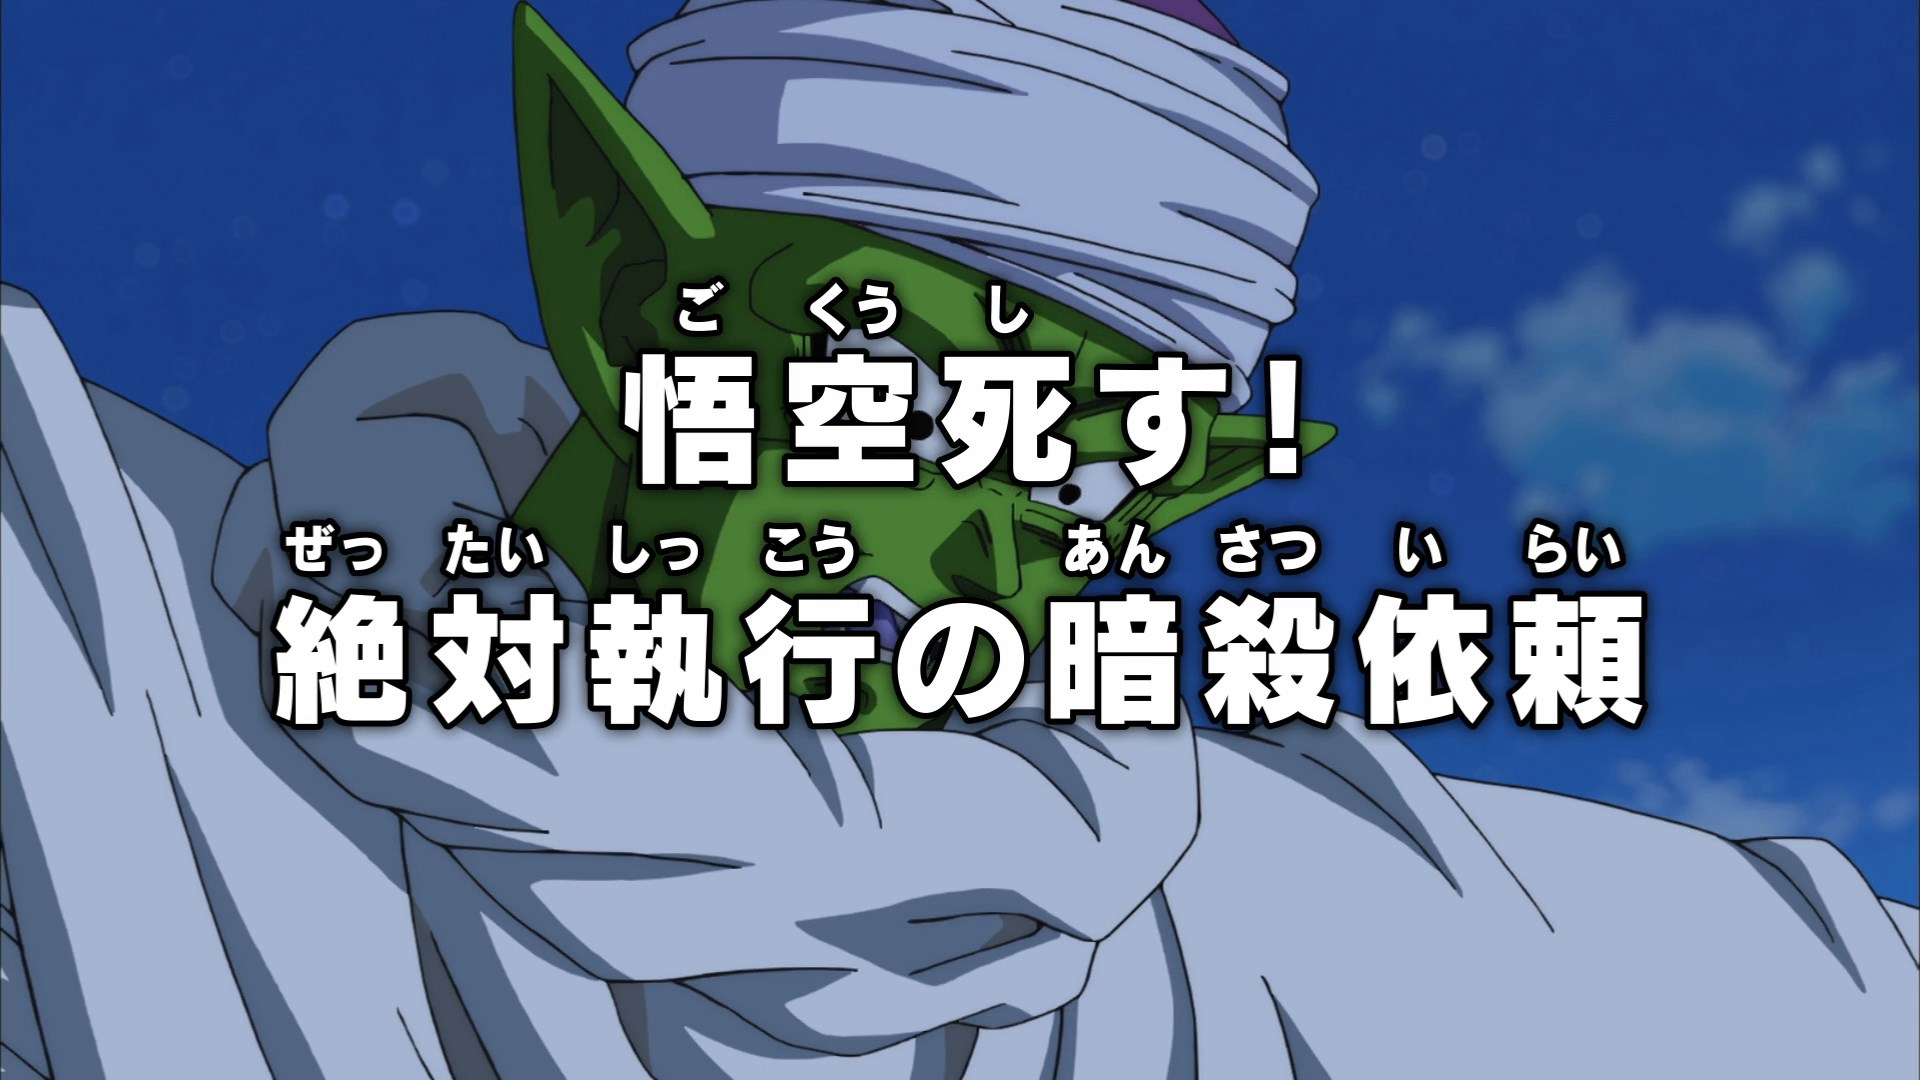 [DS] Dragon Ball Super 070 [1080p].mkv_snapshot_23.15_[2016.12.11_04.01.44]